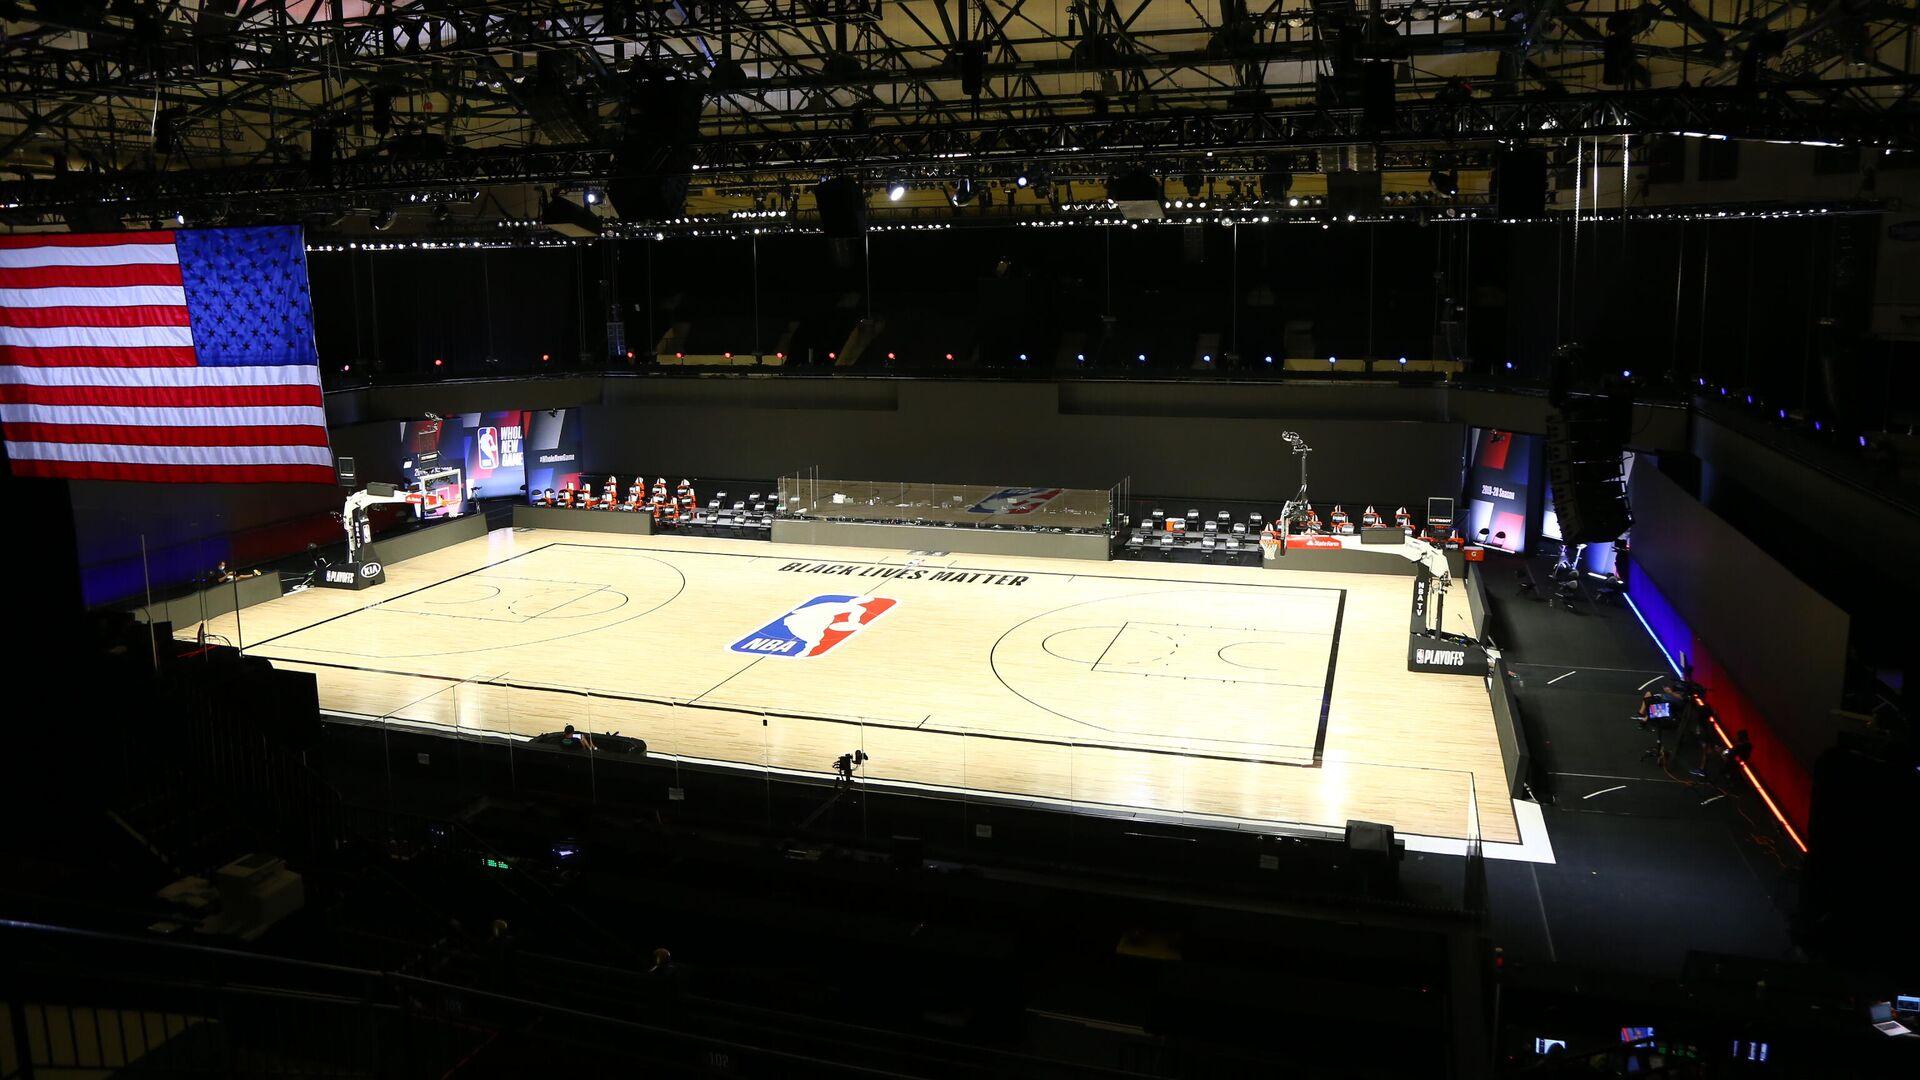 Баскетбольная арена перед матчем НБА - РИА Новости, 1920, 11.09.2020